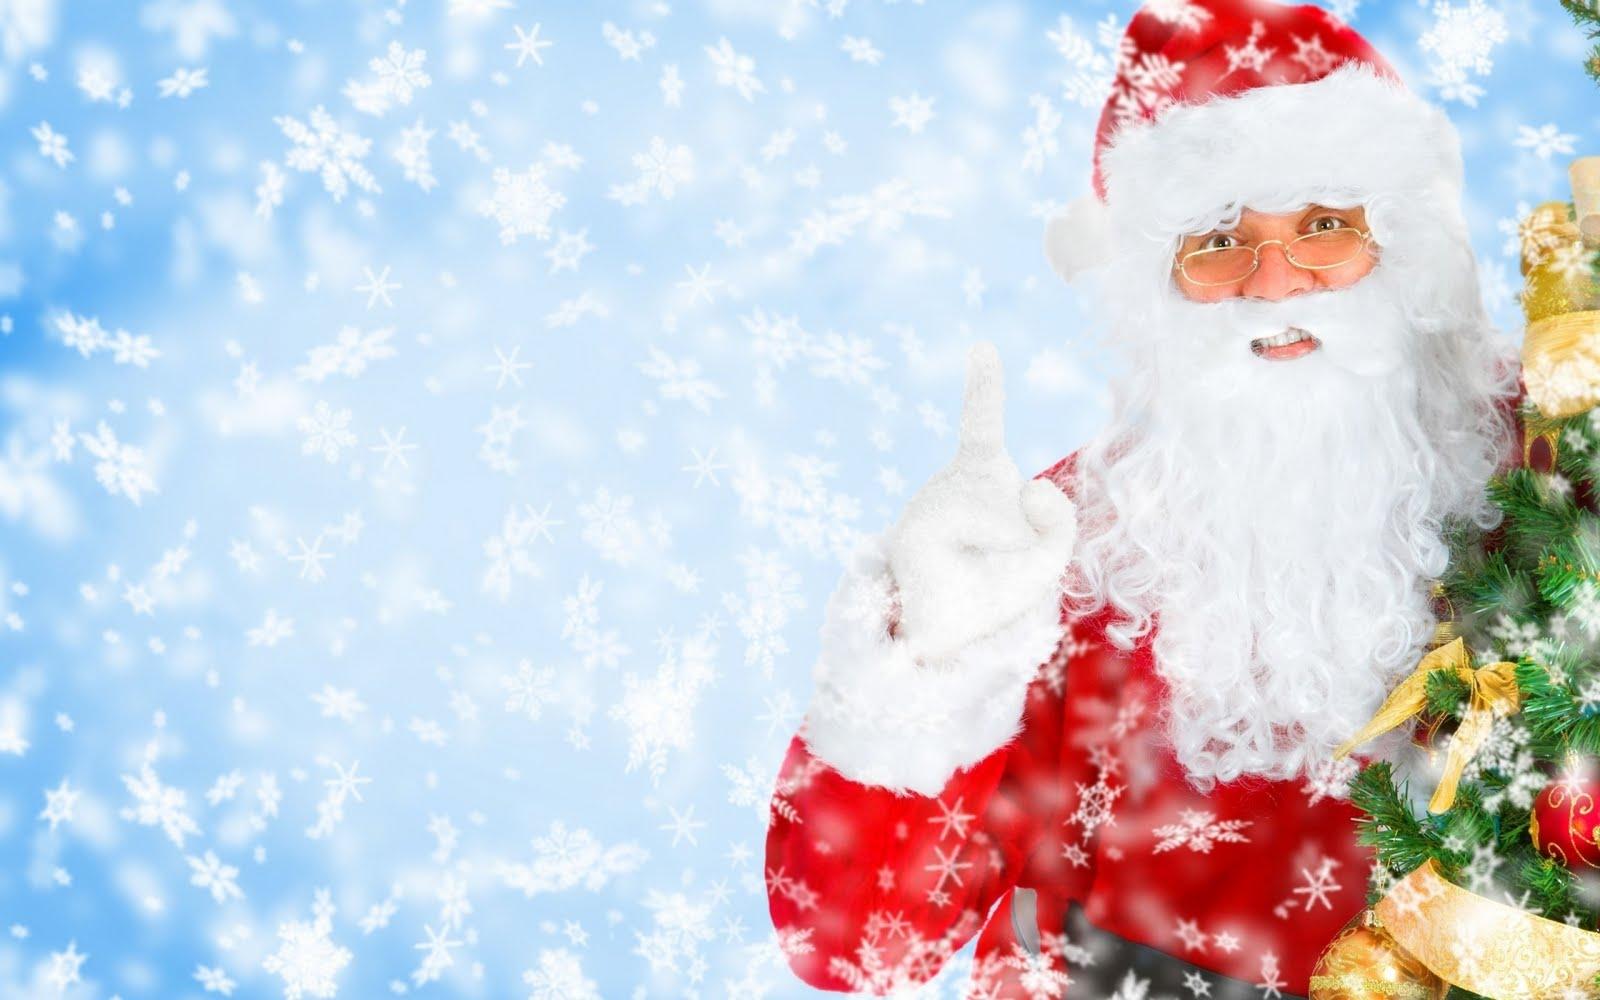 Santa Claus feliz - Happy Santa (1920x1200px) | Gallery ...: http://gallery-photo-pictures.blogspot.com/2011/11/santa-claus-feliz-happy-santa.html